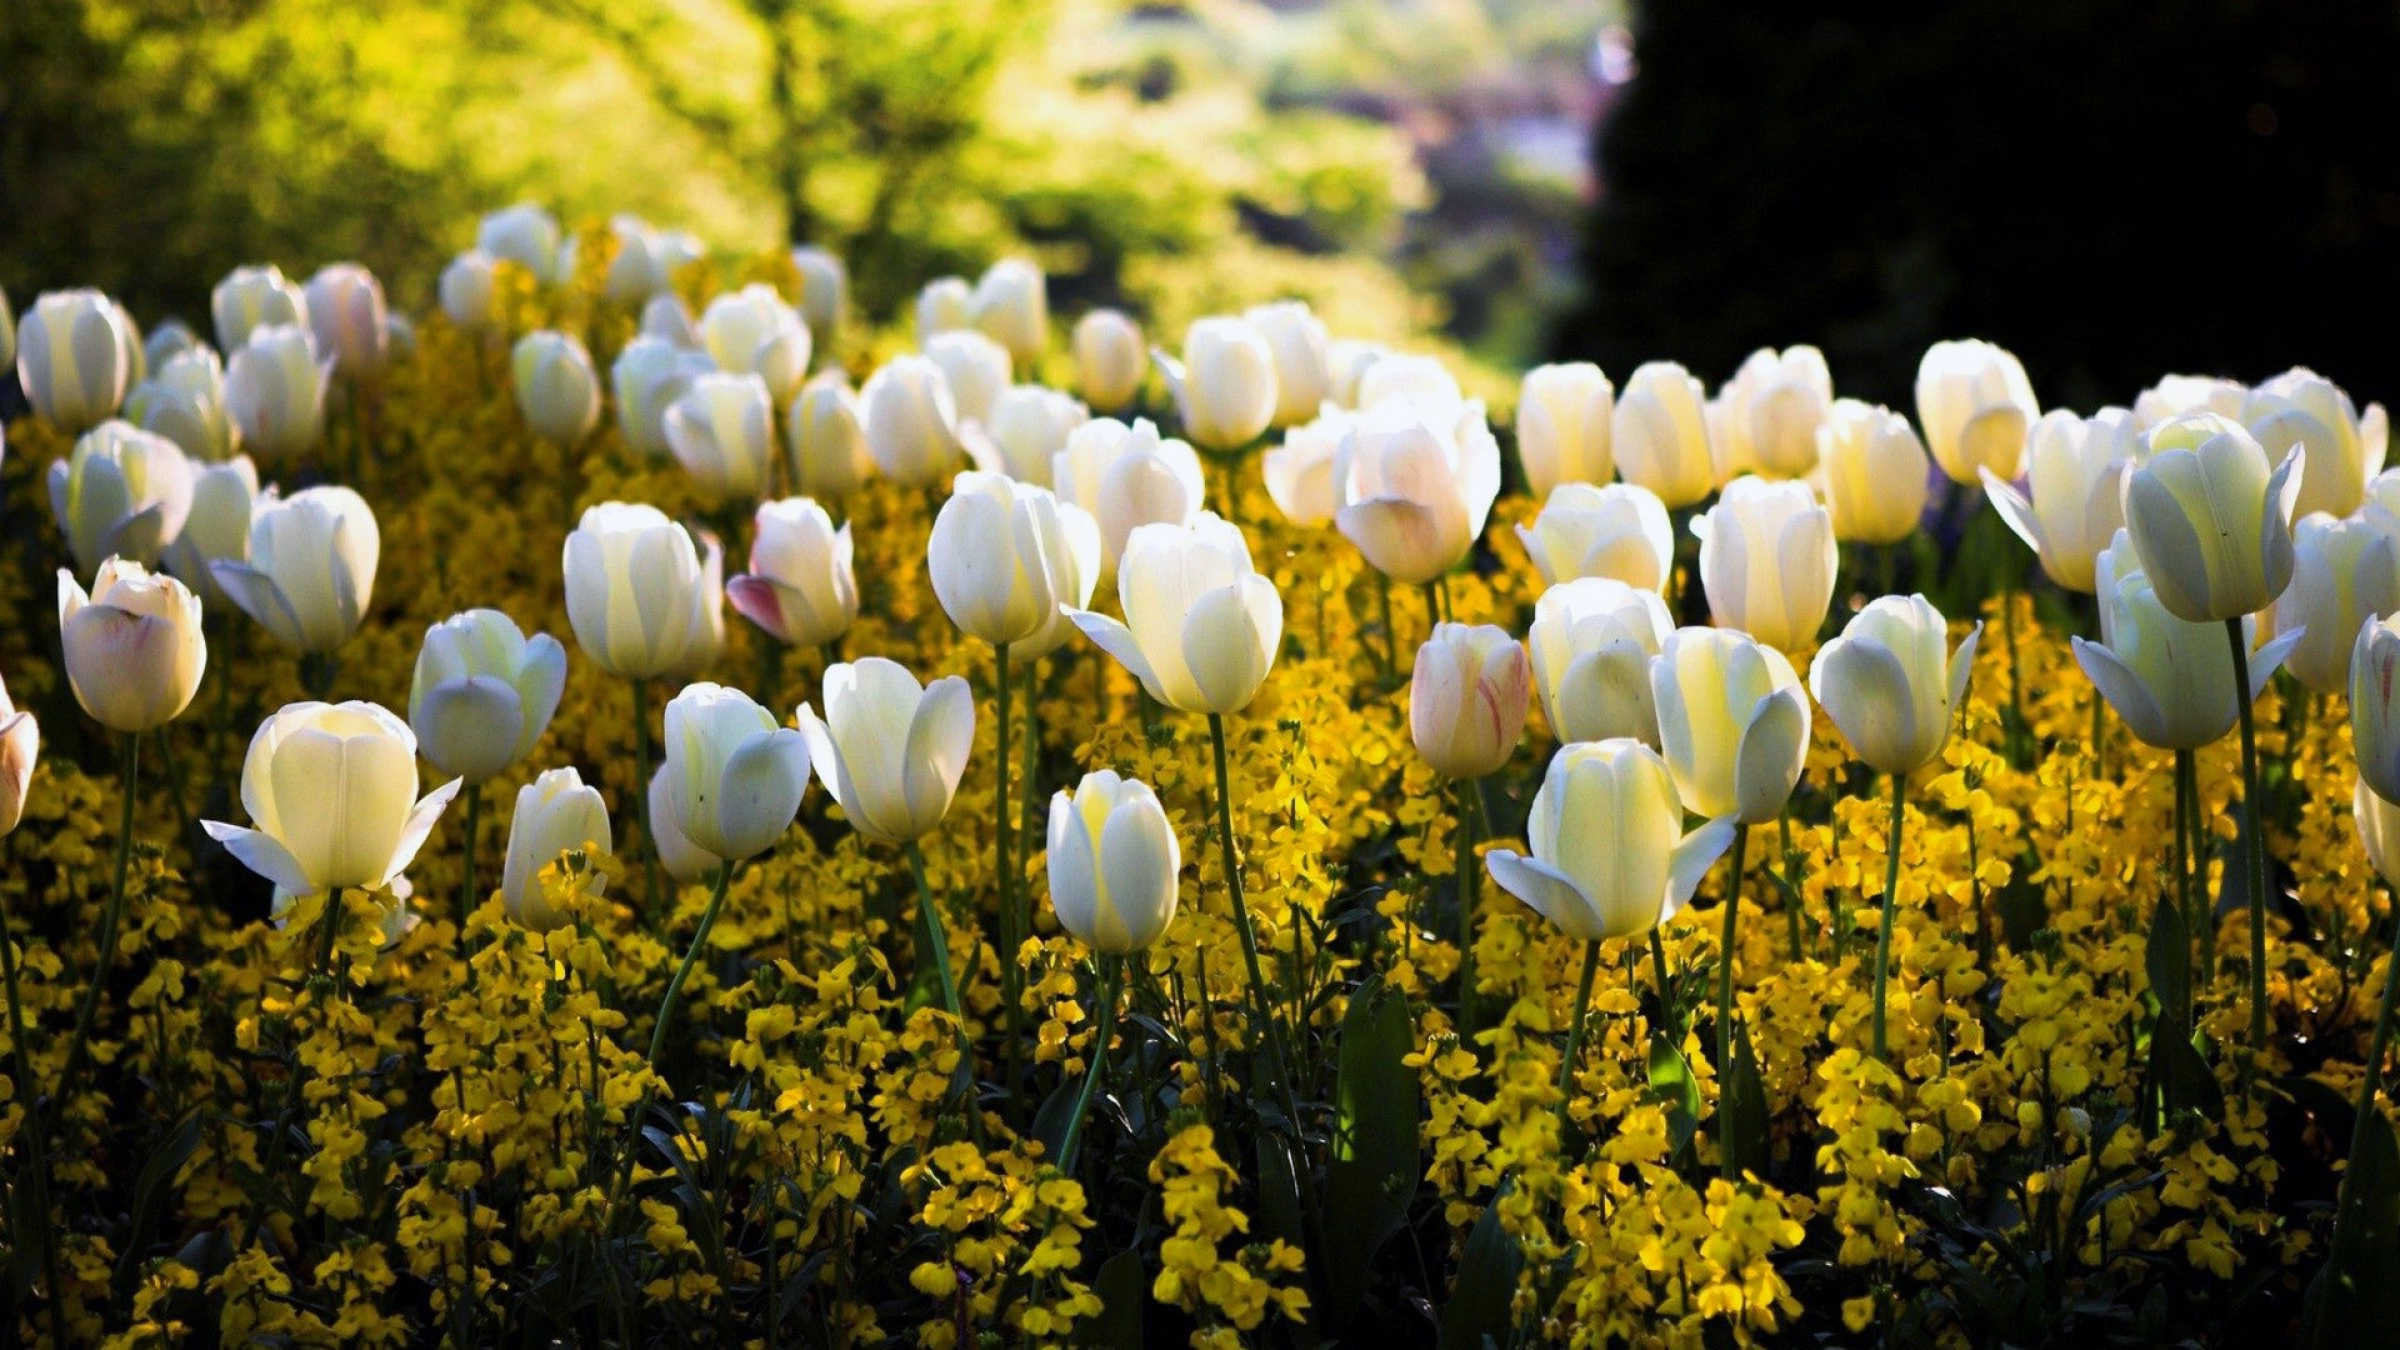 HDoboi.Kiev.ua - Белые тюльпаны, природа, цветы, времена года